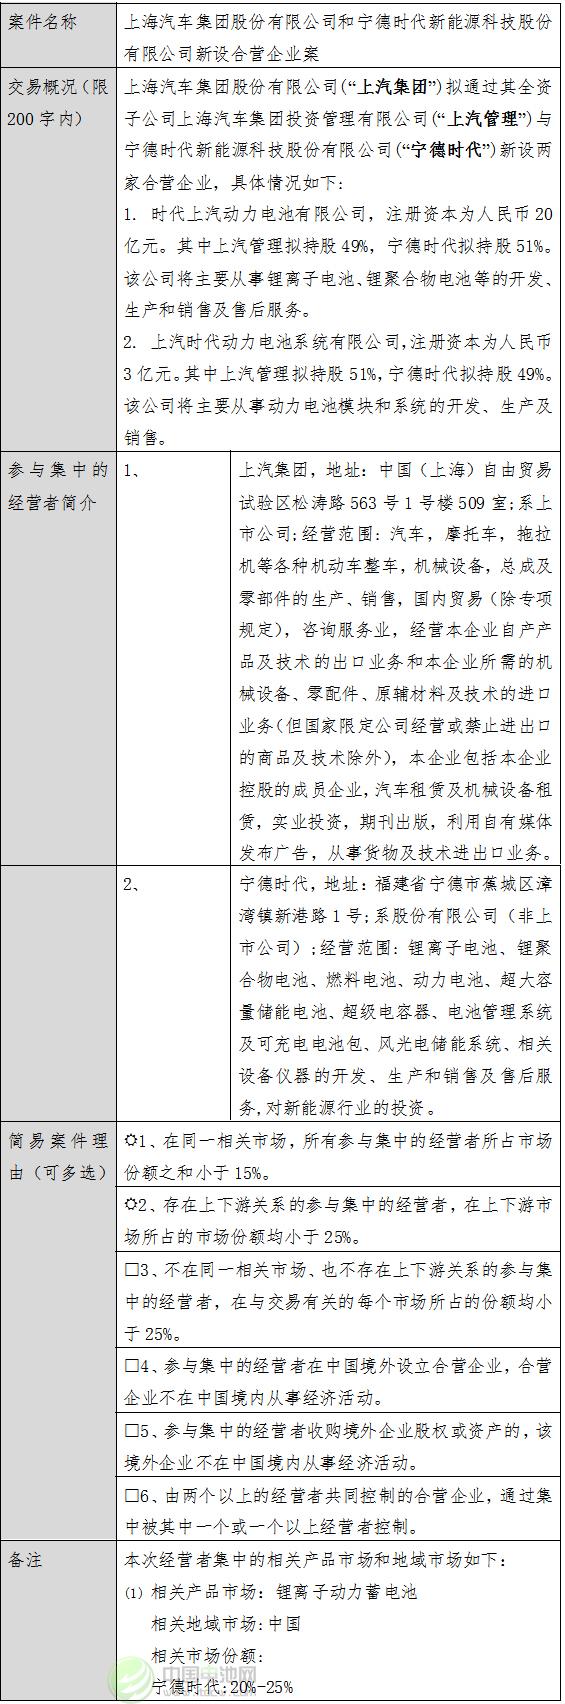 经营者集中简易案件公示表